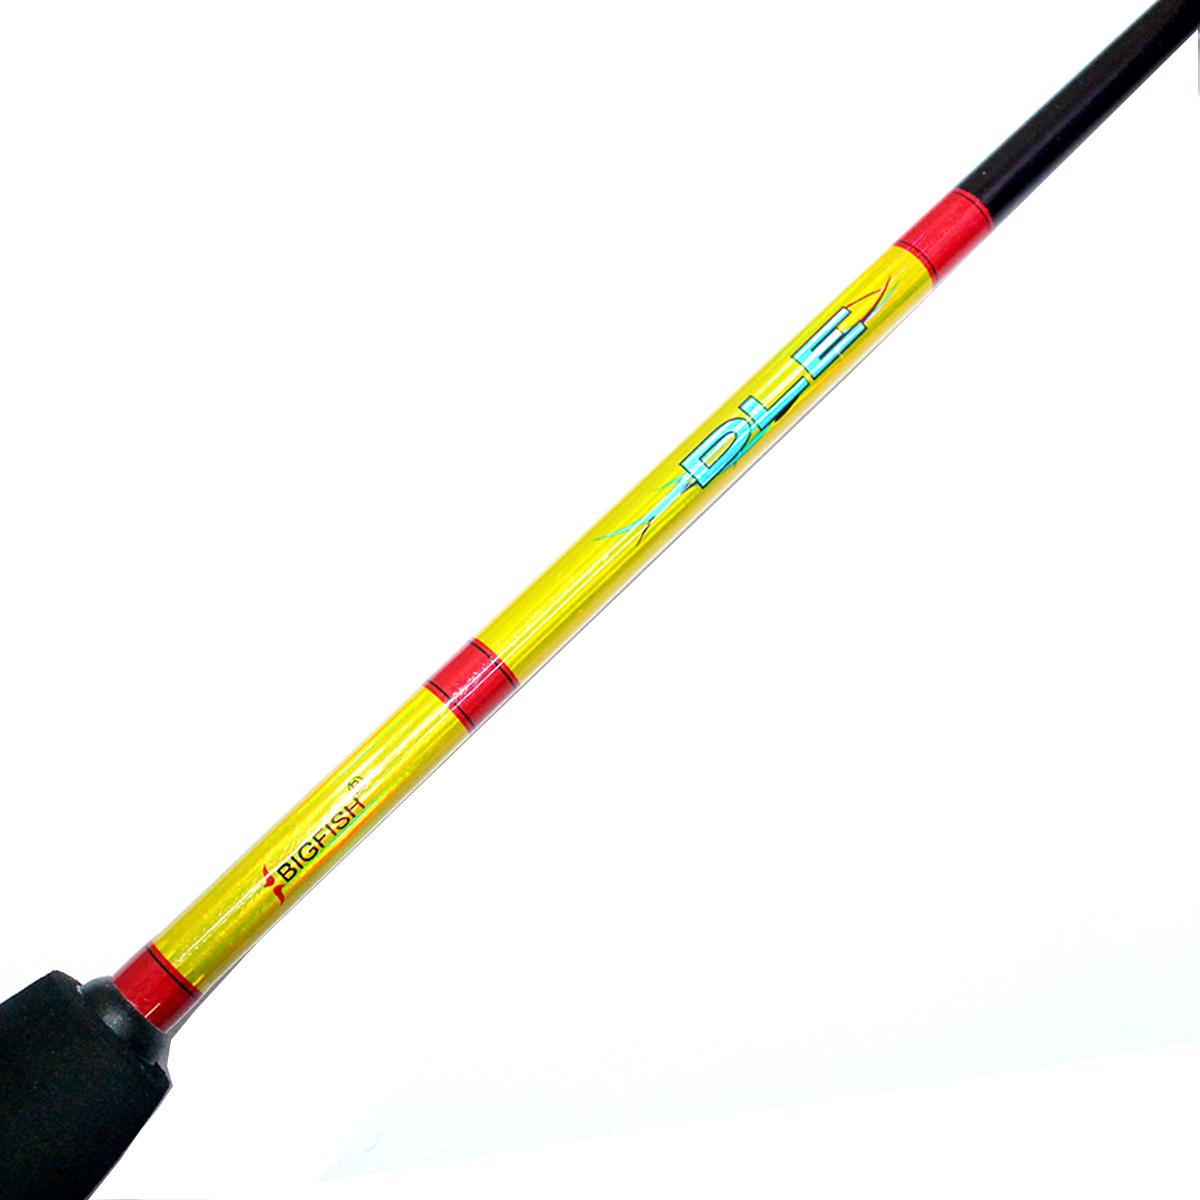 Cần Câu Máy Hai Khúc Đặc Màu Vàng DLE 1m8 - Cần Câu Phổ Thông